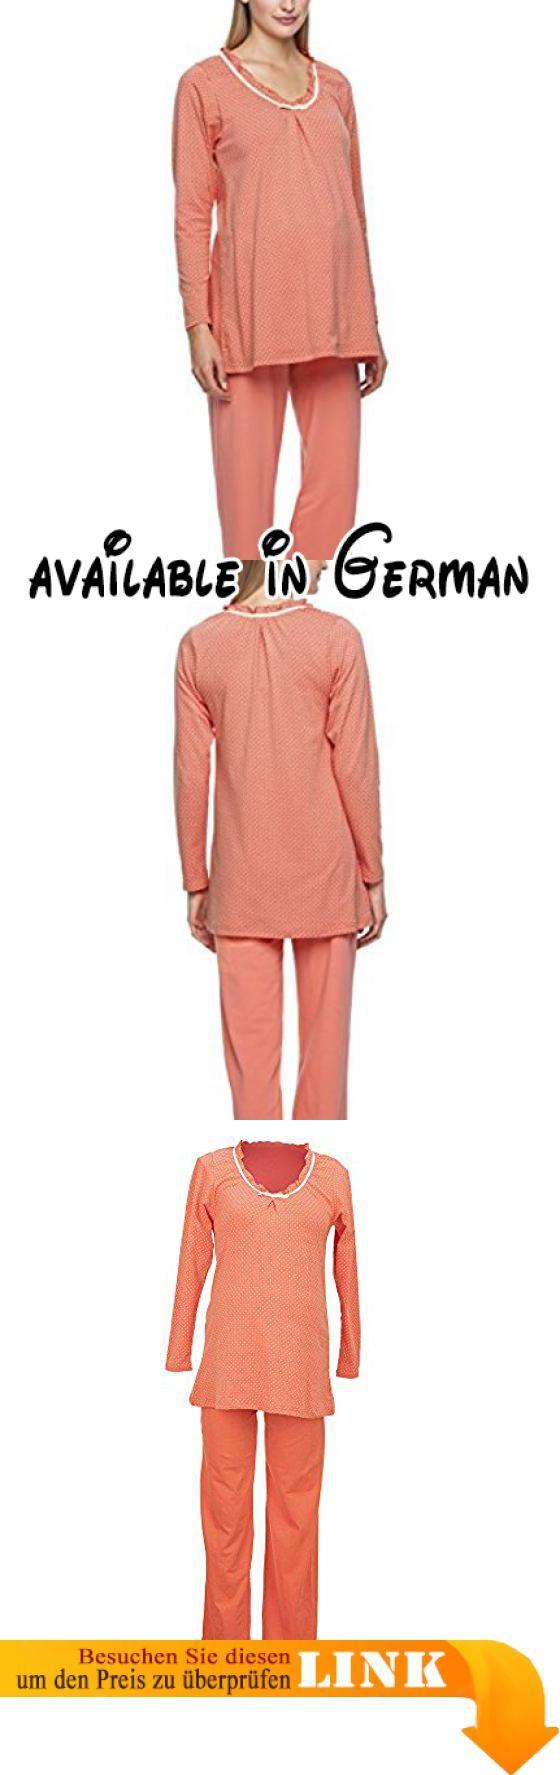 Anita Maternity Damen Umstands Schlafanzug Pyjama Heather, Gr. 36 (Herstellergröße: S), Orange (coralle 525). <b>ANITA 1240</b>. <b>S </b>. <b>coralle</b>. <b>Nachtwäsche</b> #Apparel #SLEEPWEAR